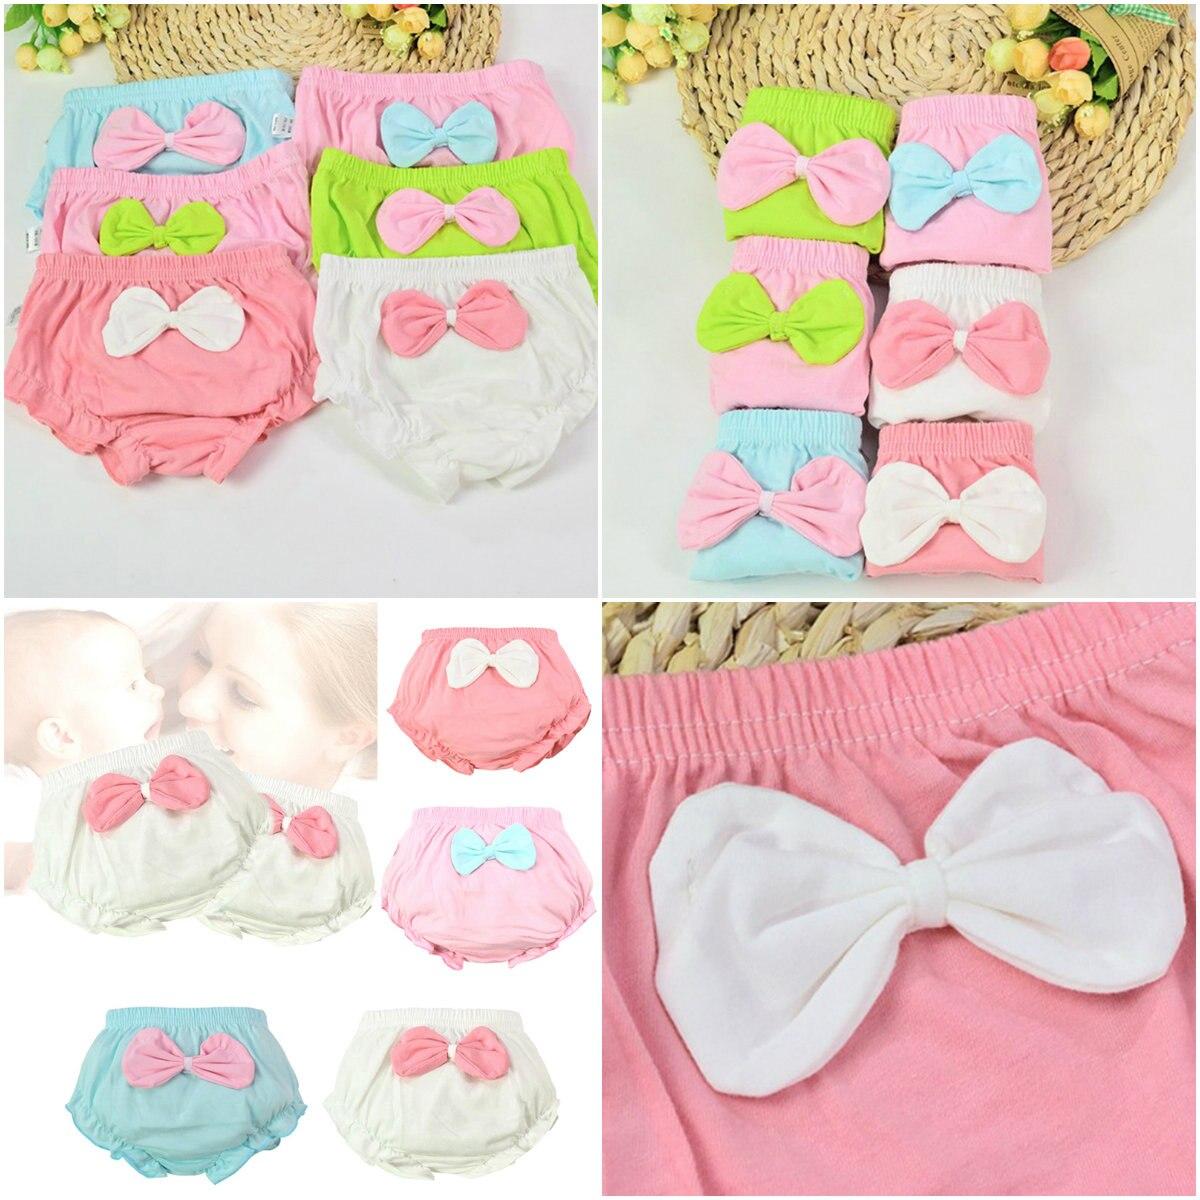 1 St 4 Kleuren Kids Baby Leuke Grote Boog Katoenen Ondergoed Slipje Zuigeling Shorts Voor Kinderen Onderbroek Geschenken Gematigde Kosten